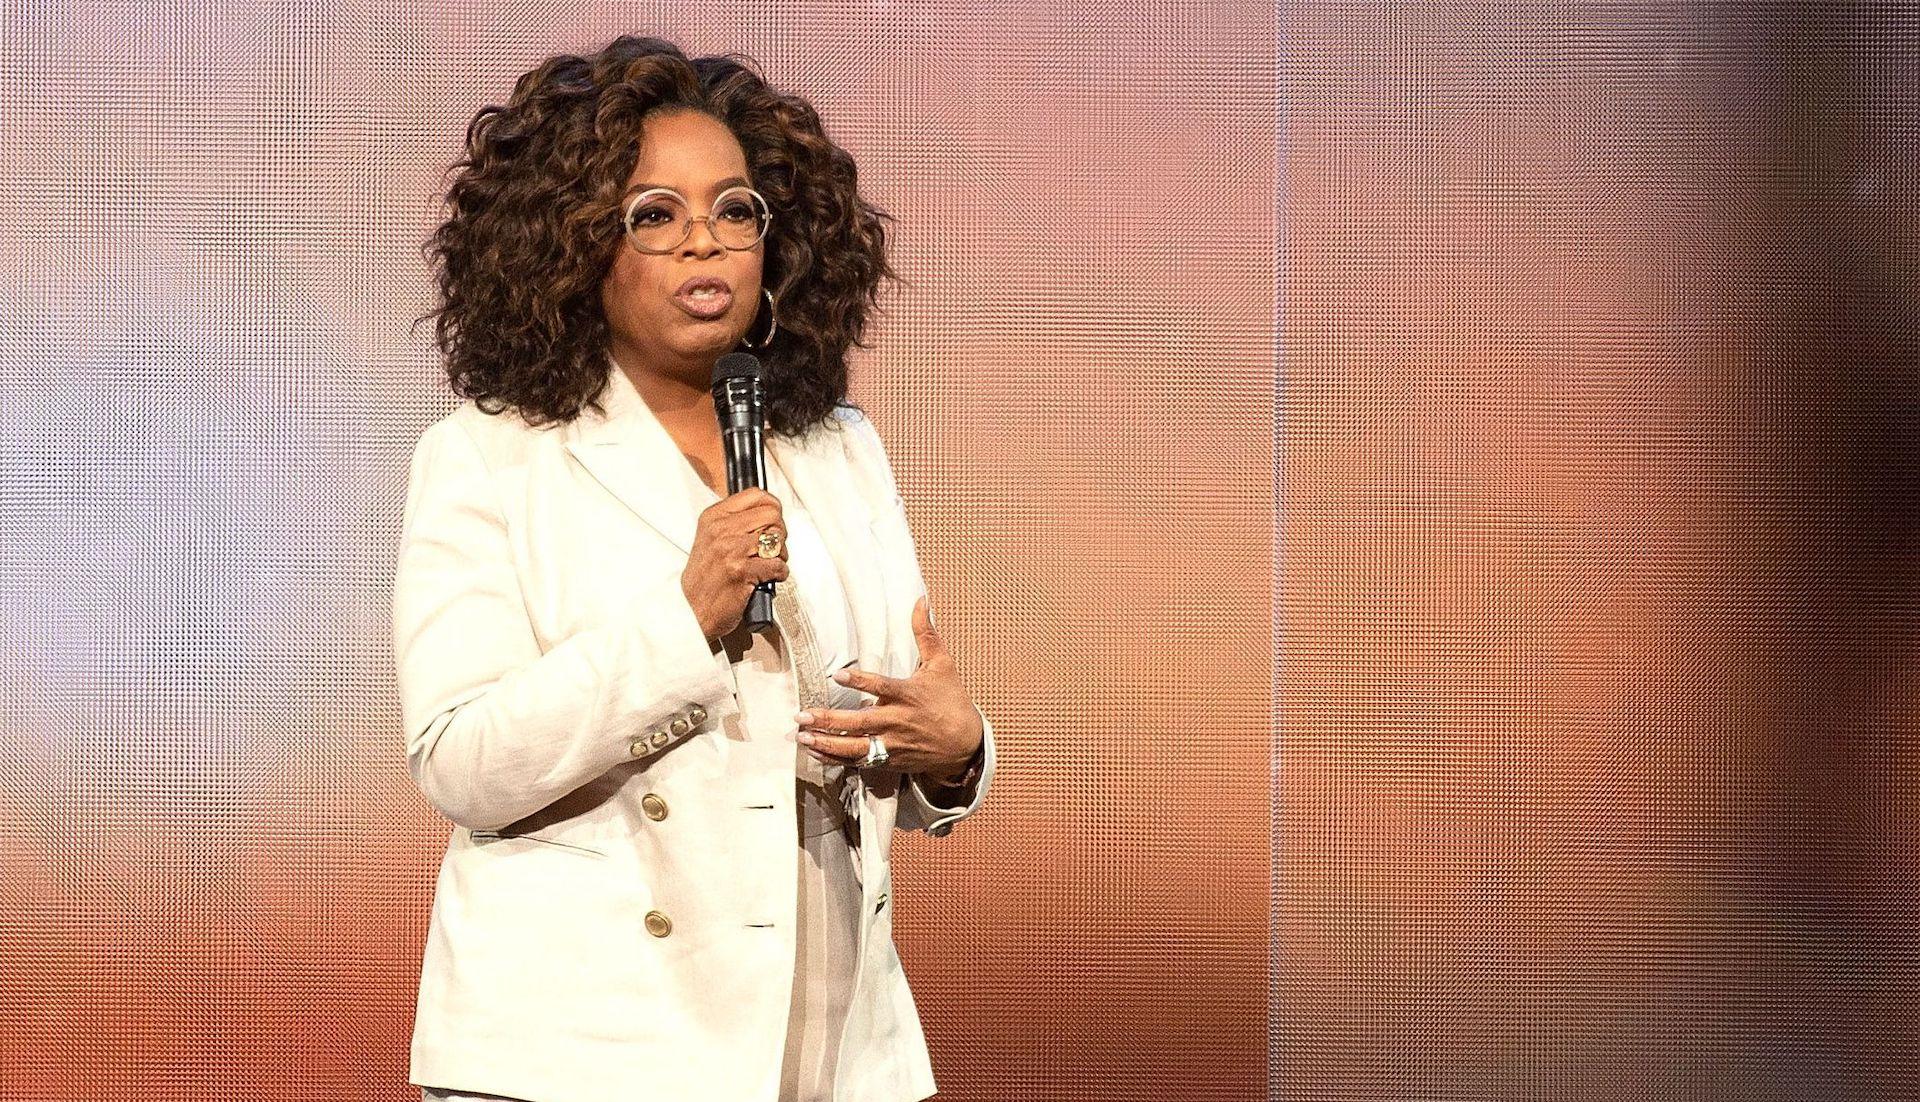 Oprah Winfrey's Mom Had to Choose Between Food & Medicine for Her Kids